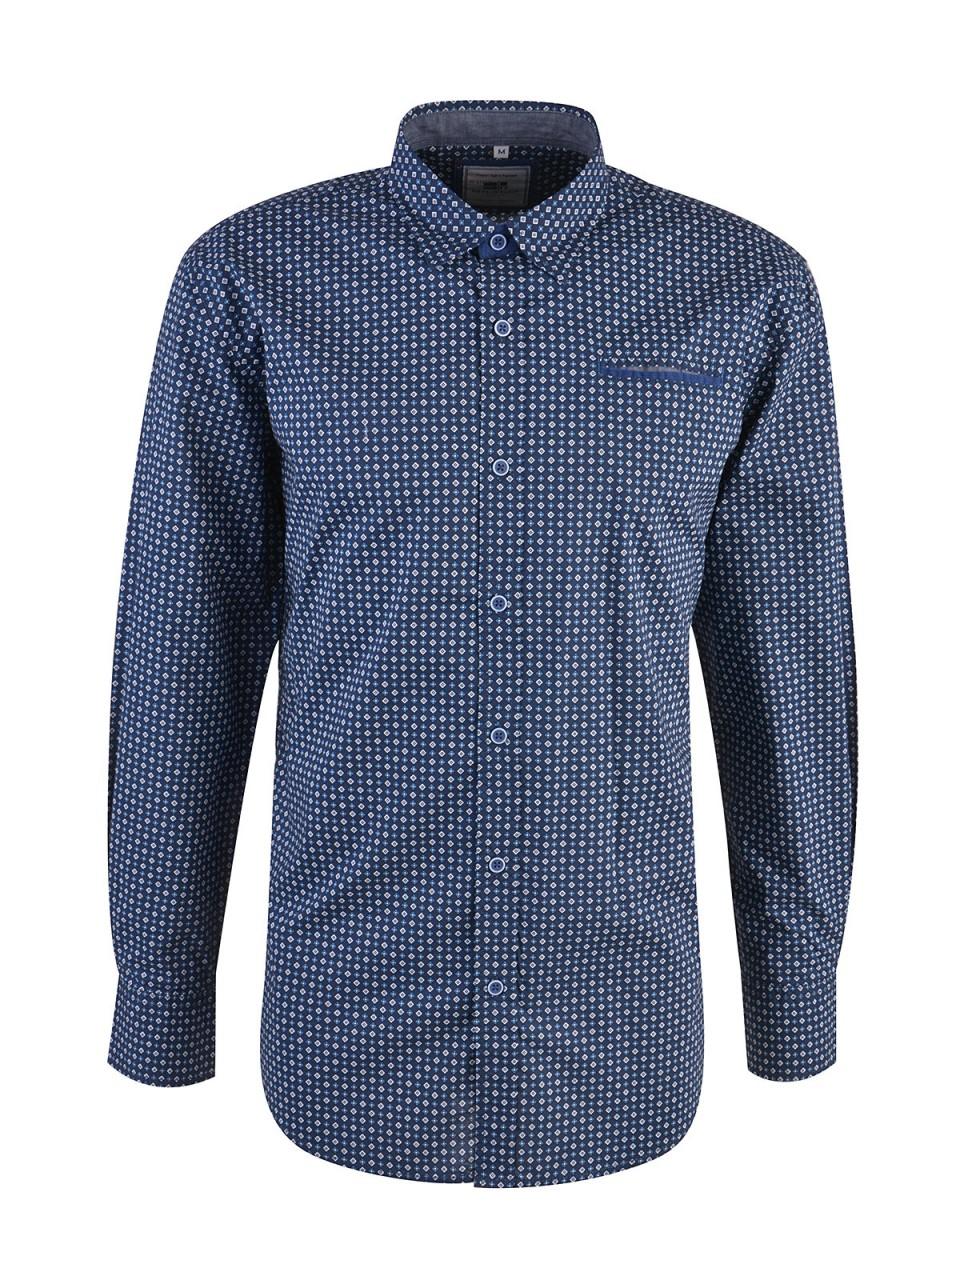 milano-italy-herren-hemd-blau